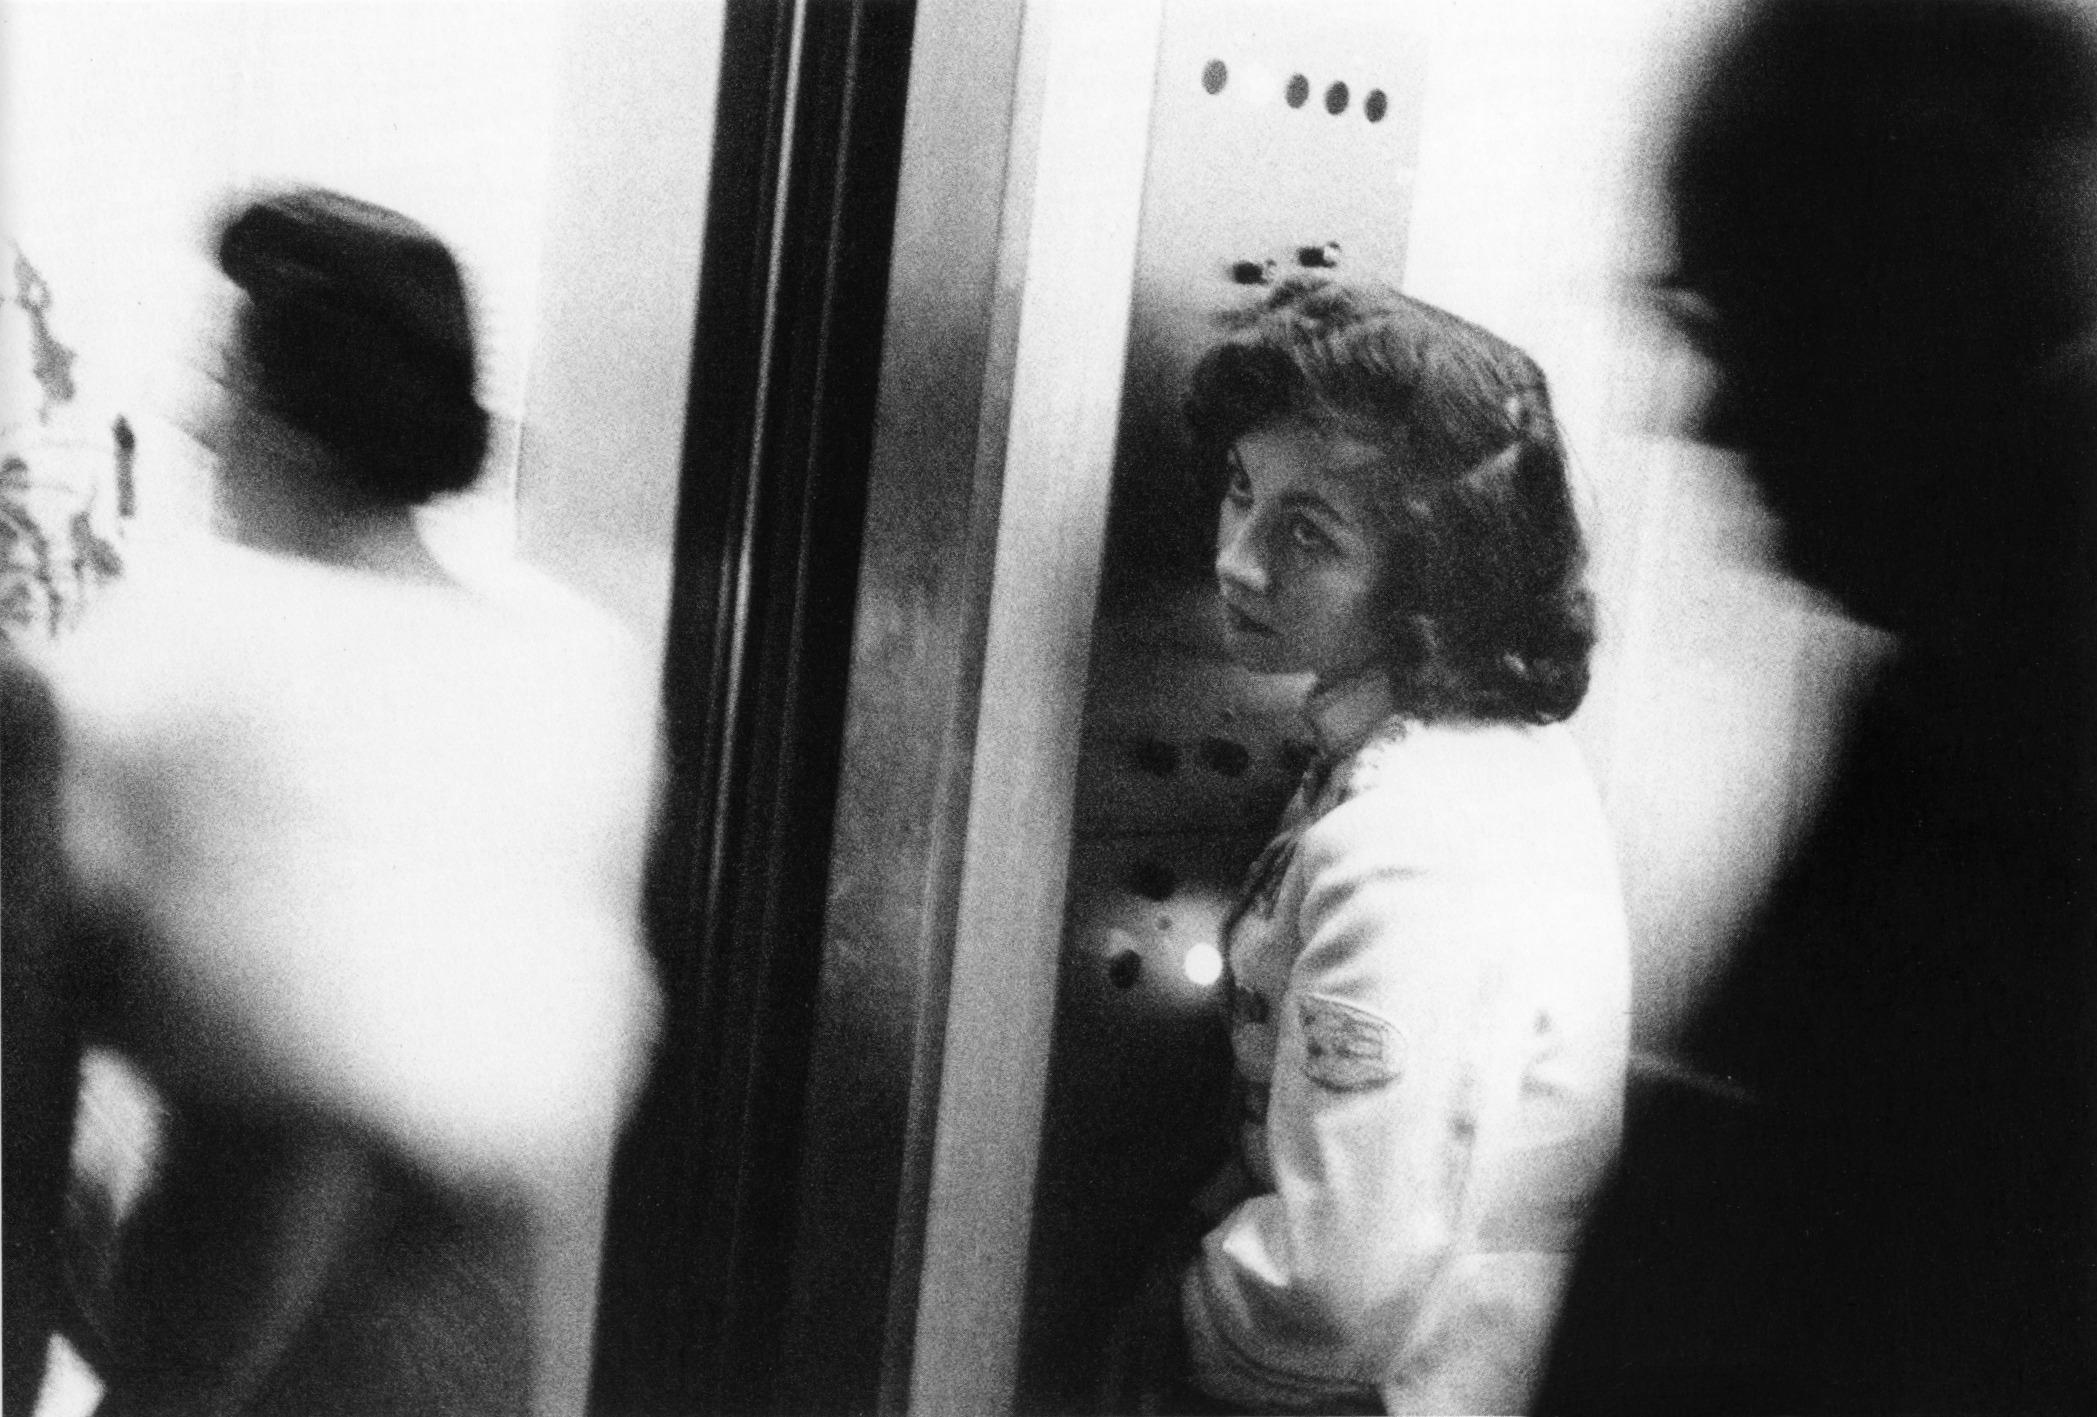 #44 Elevator-Miami Beach, 1955